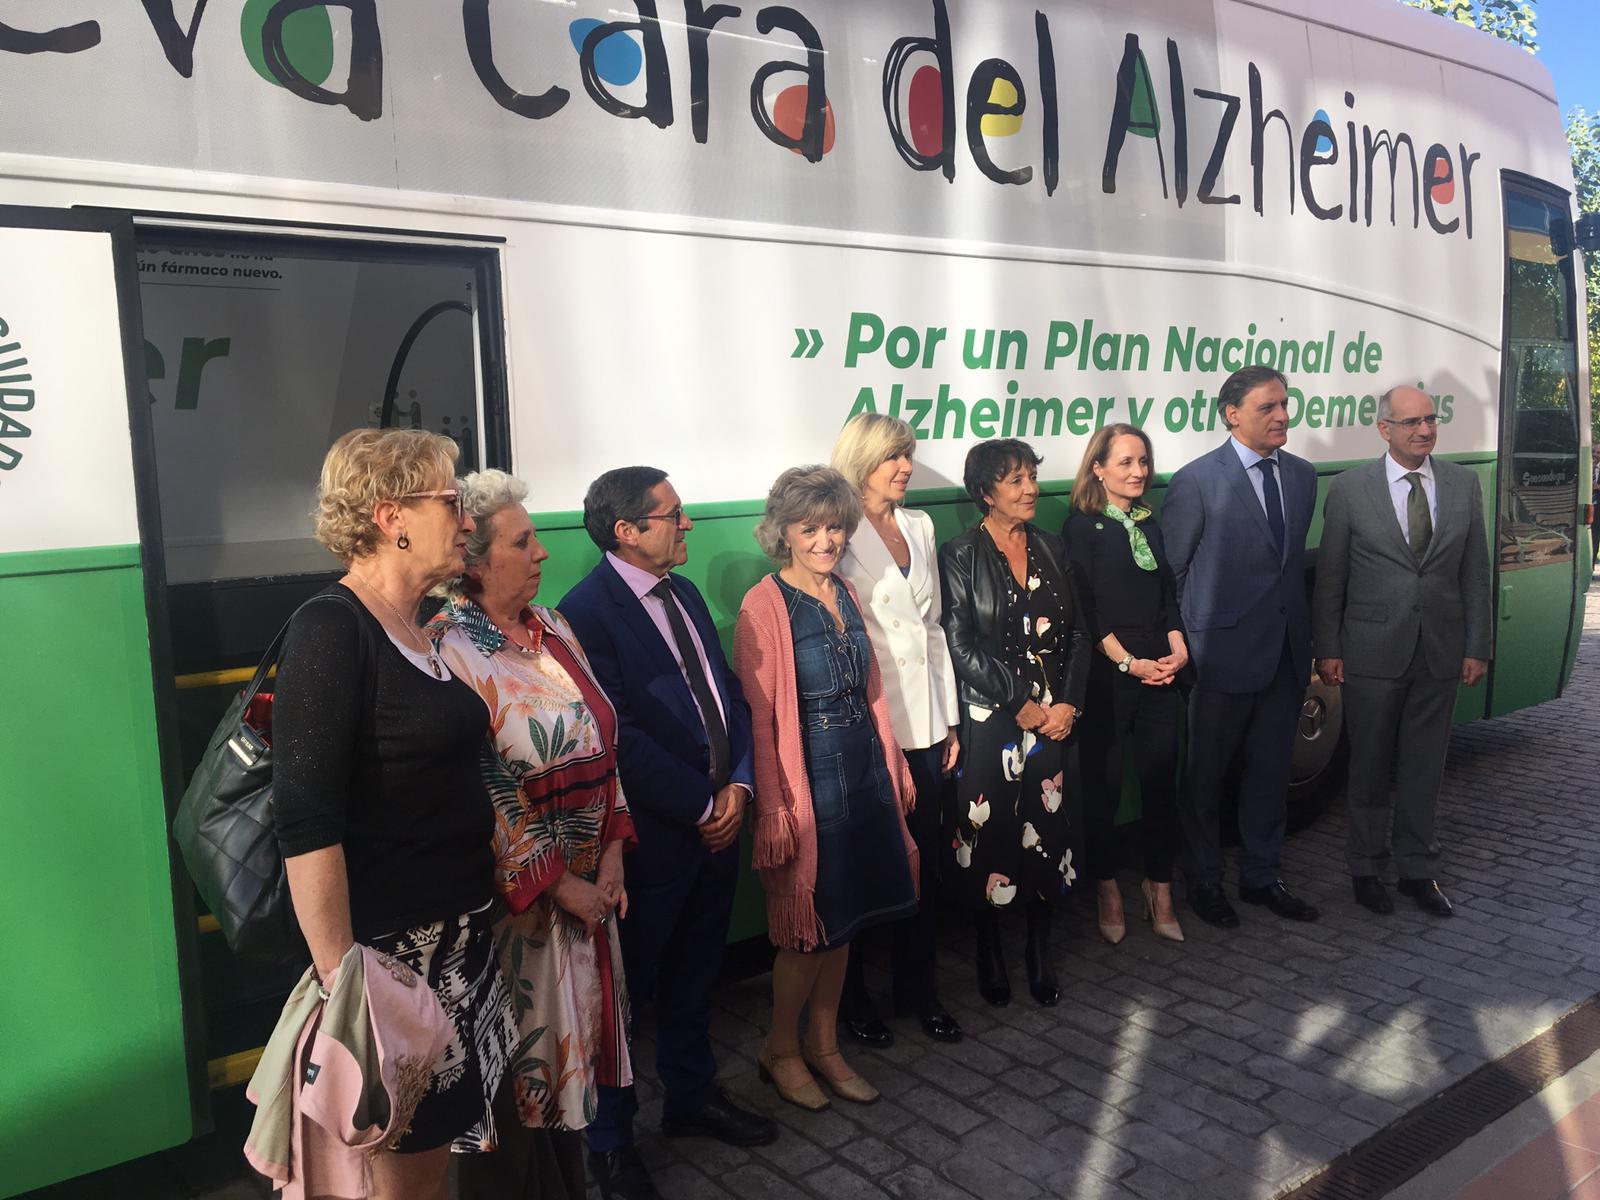 """Autoridades exterior bus - CEAFA lanza la campaña """"la nueva cara del Alzheimer"""" para una mayor concienciación de la enfermedad"""